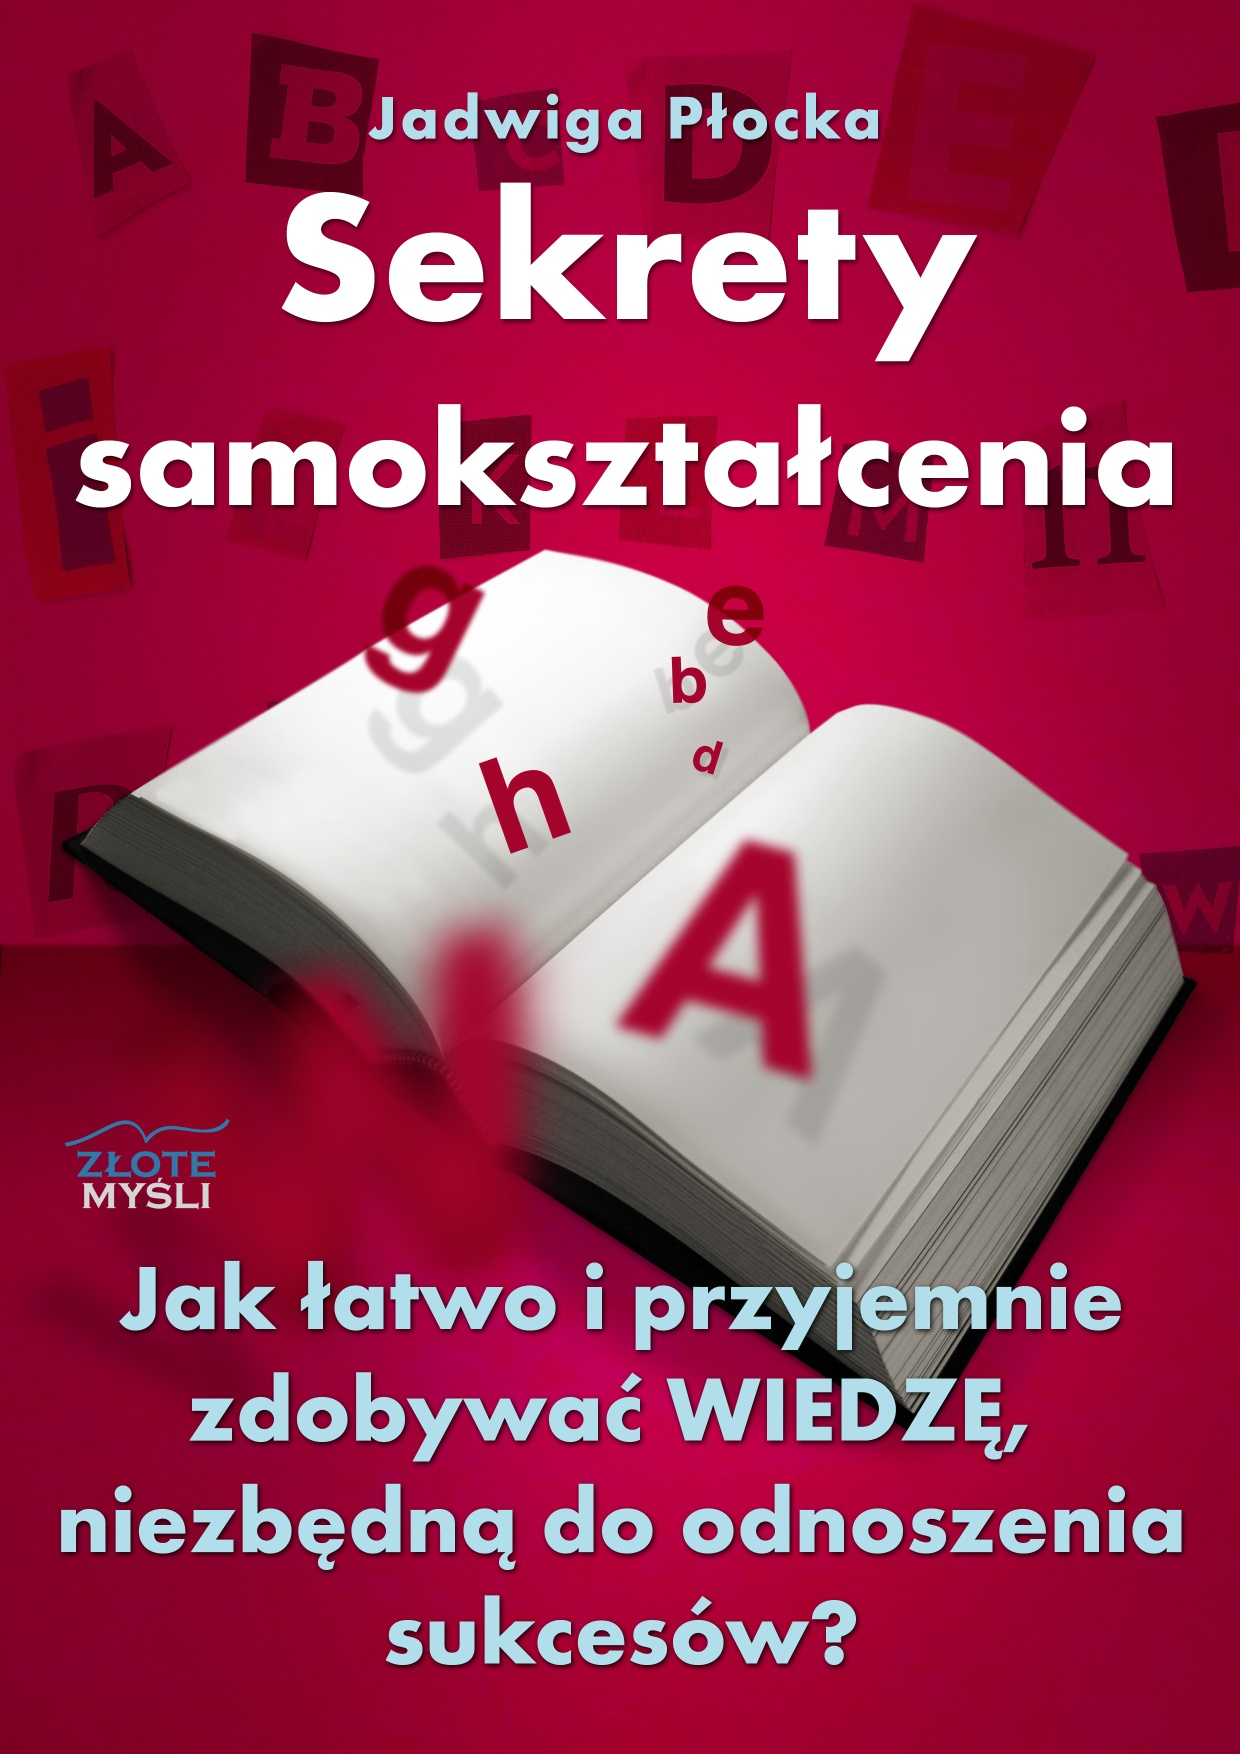 Jadwiga Płocka: Sekrety samokształcenia - okładka